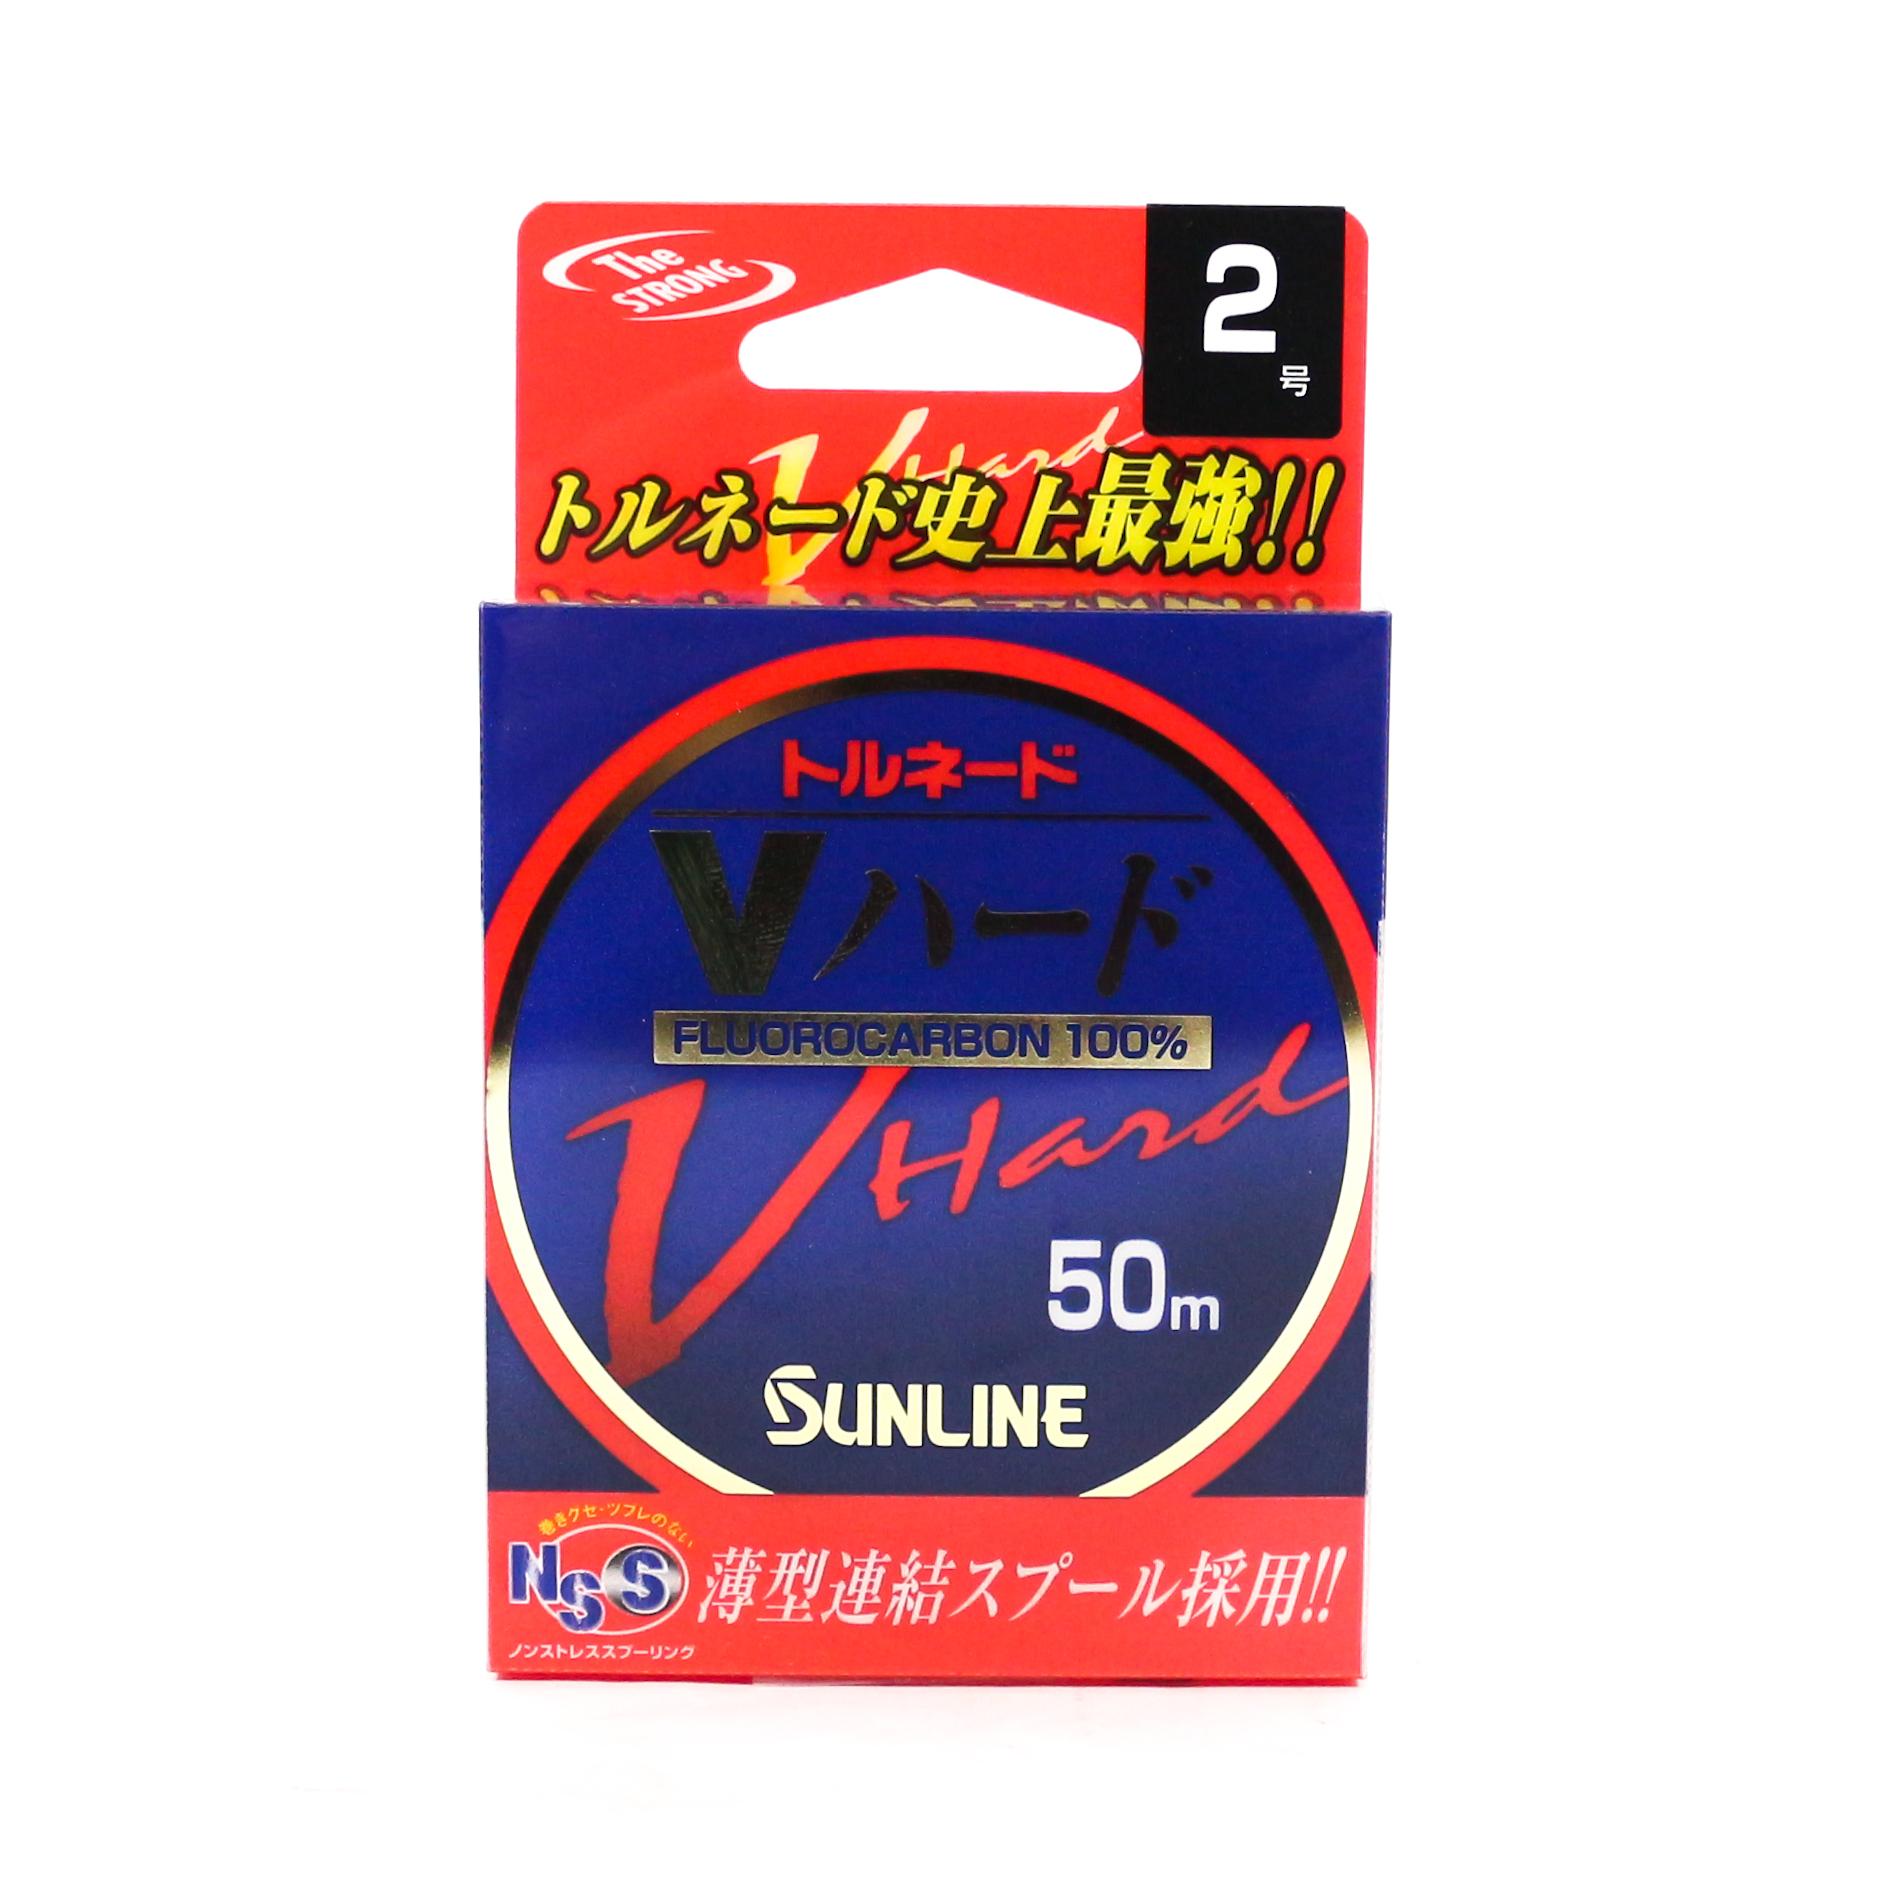 Sunline Fluorocarbon Tornado V Hard Strong 50m #2 8lb (7878)